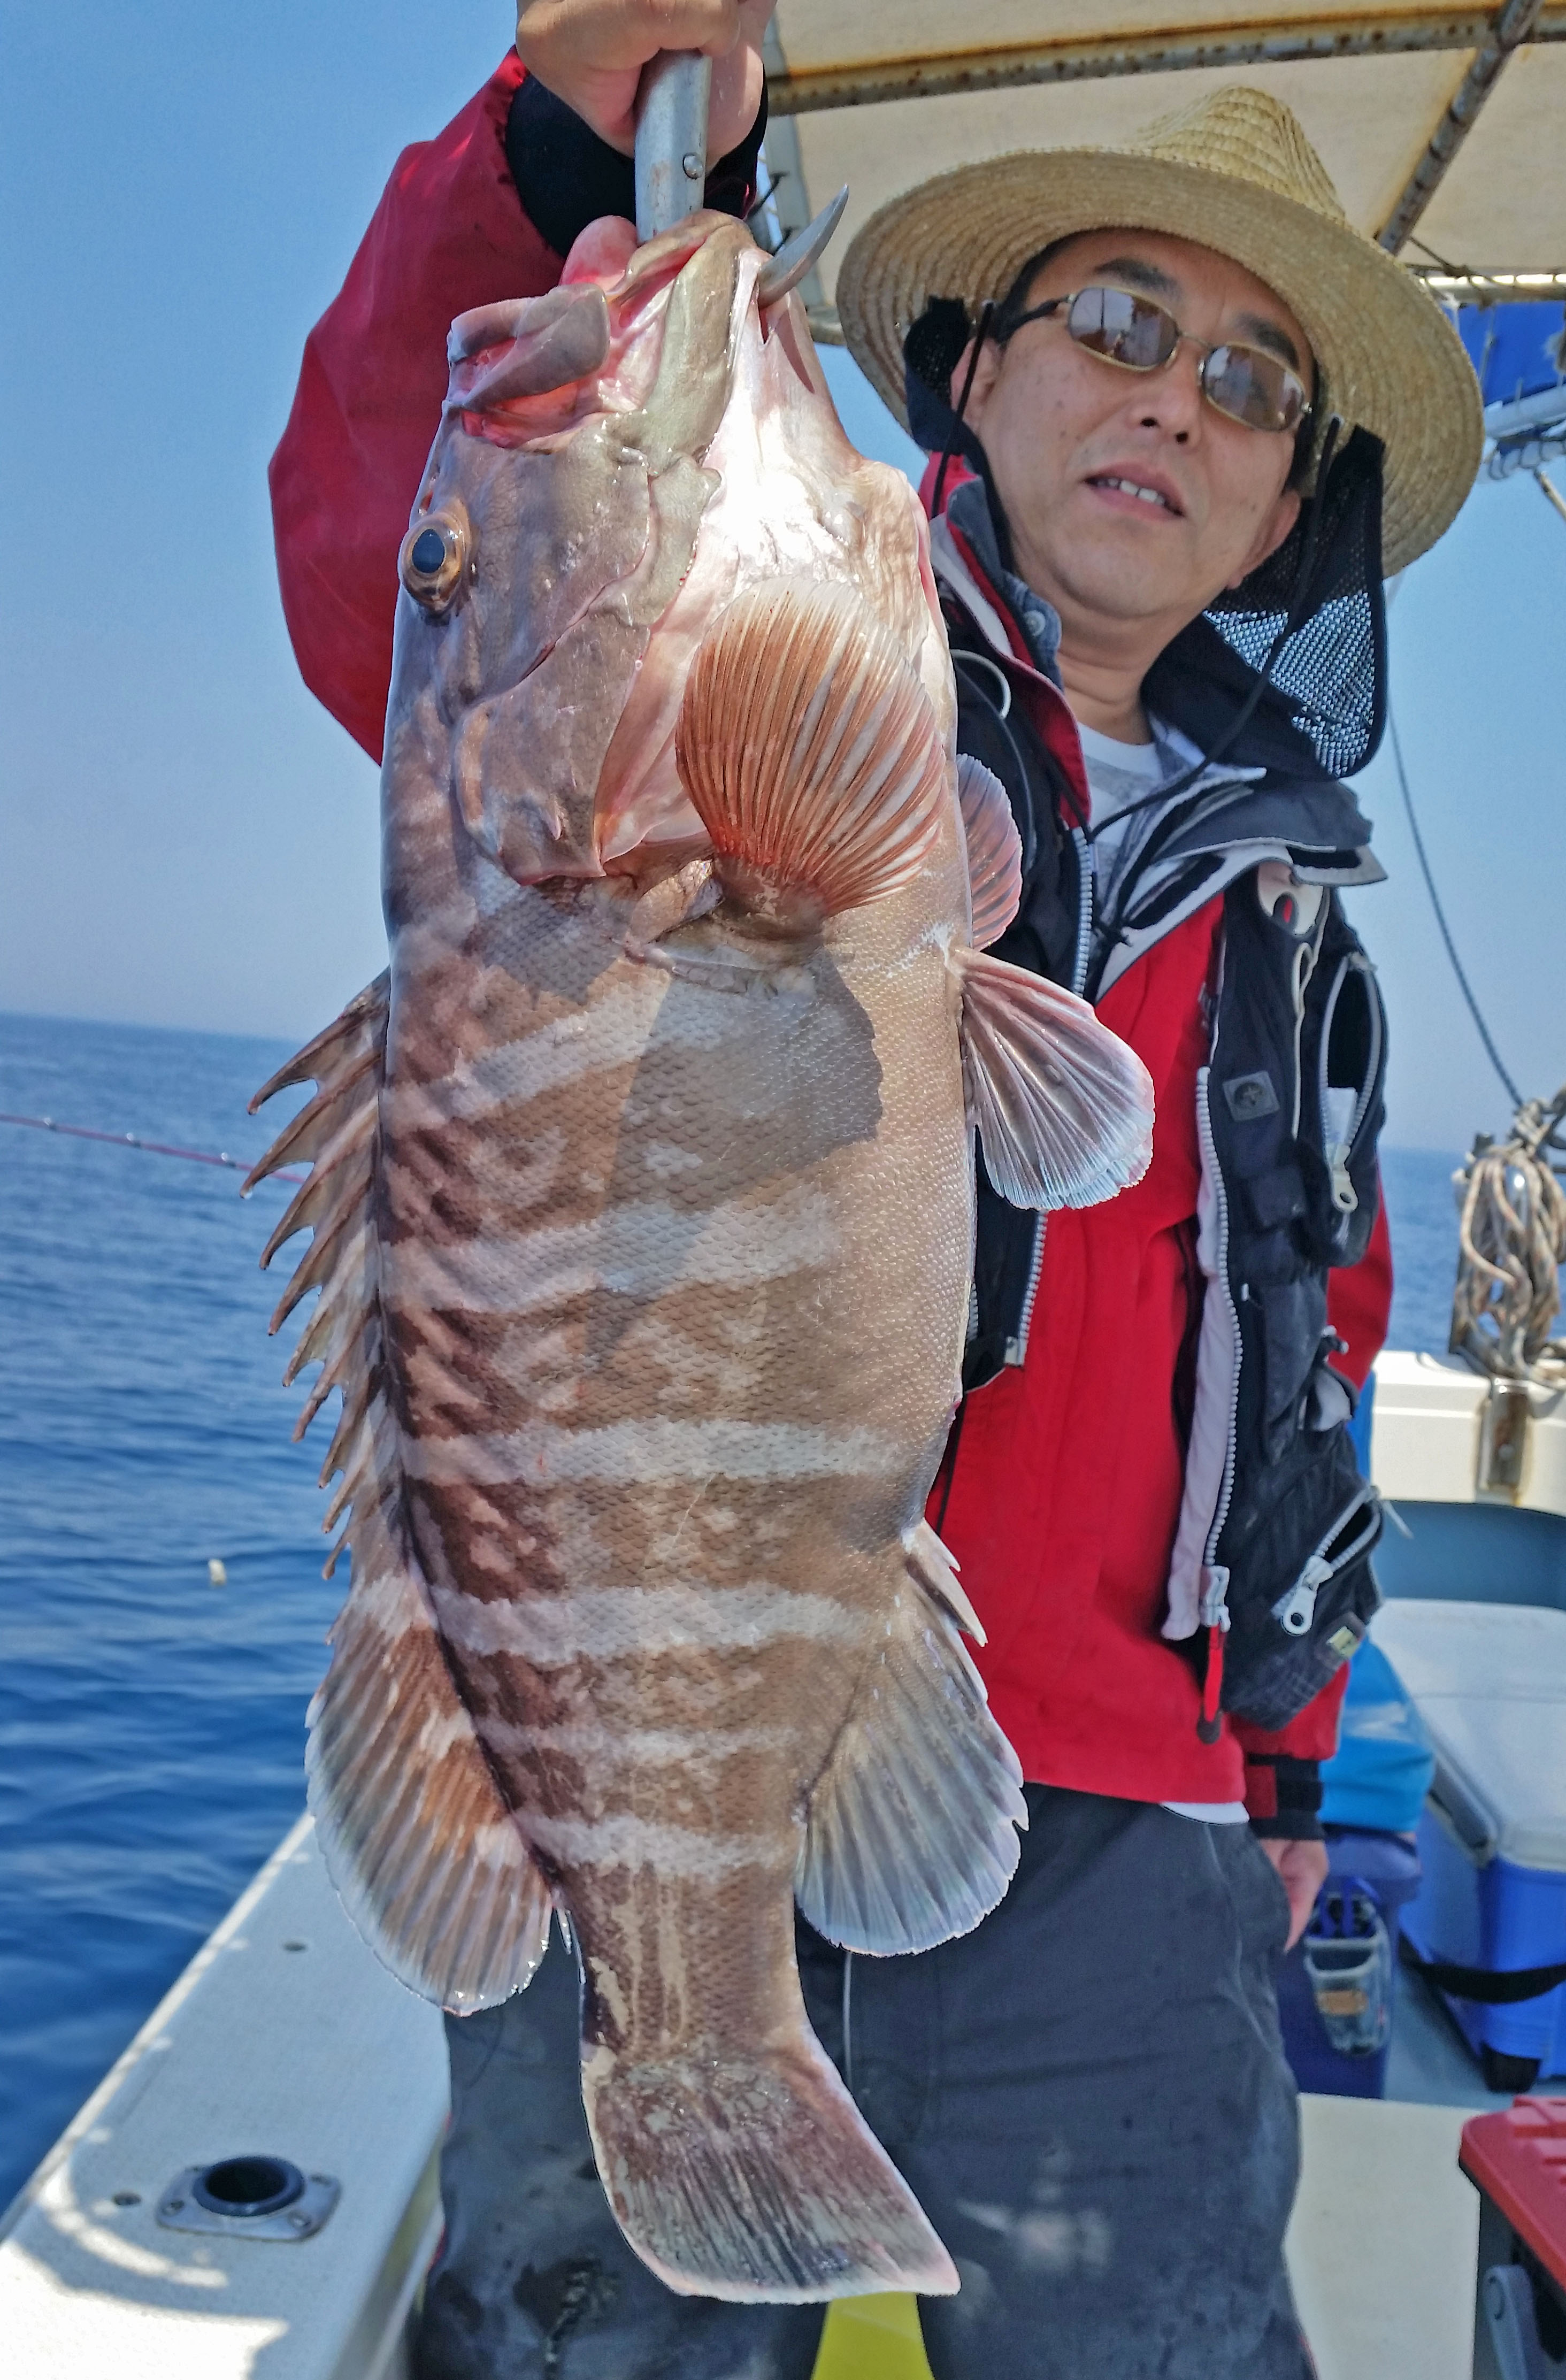 【響灘】船釣り最新釣果 85cm9kg大ダイに5.3kgタカバなど